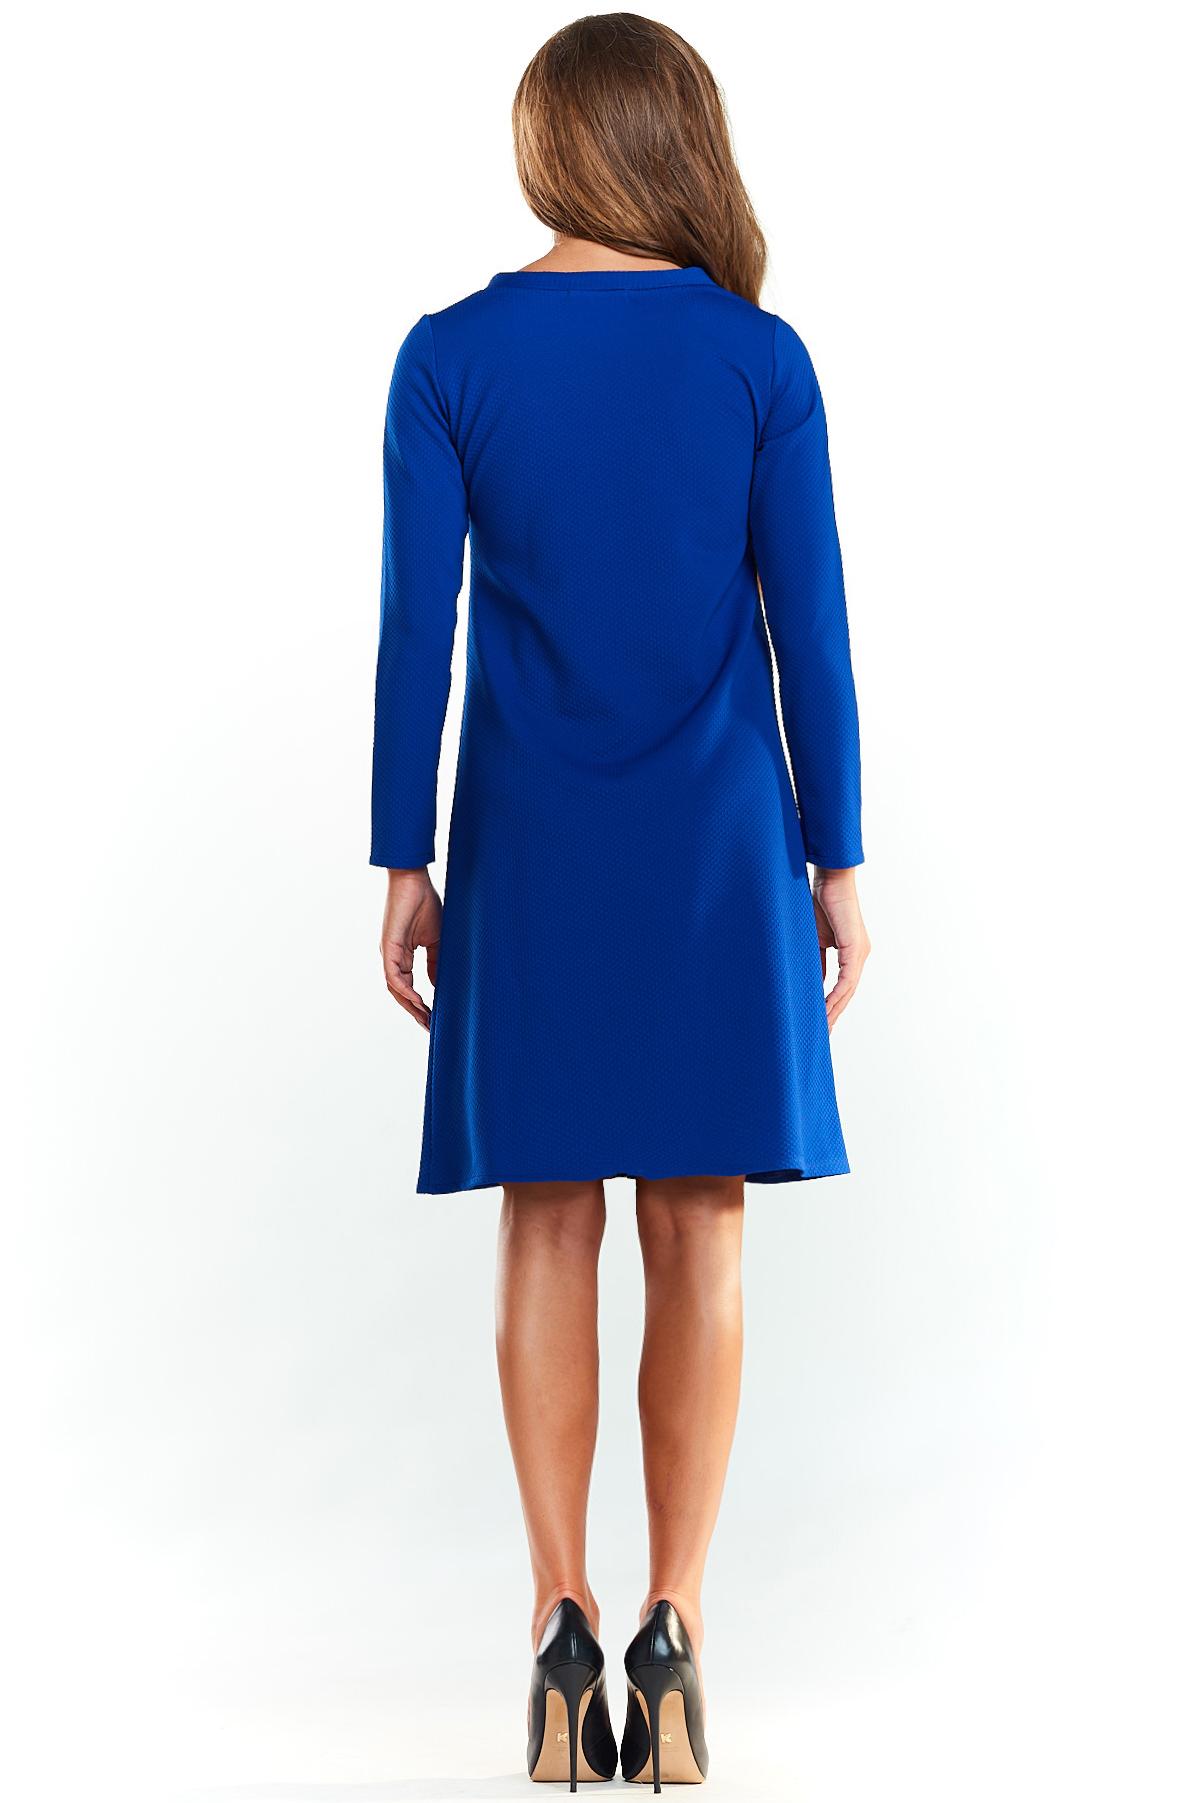 CM3987 Biurowa sukienka trapezowa - niebieska